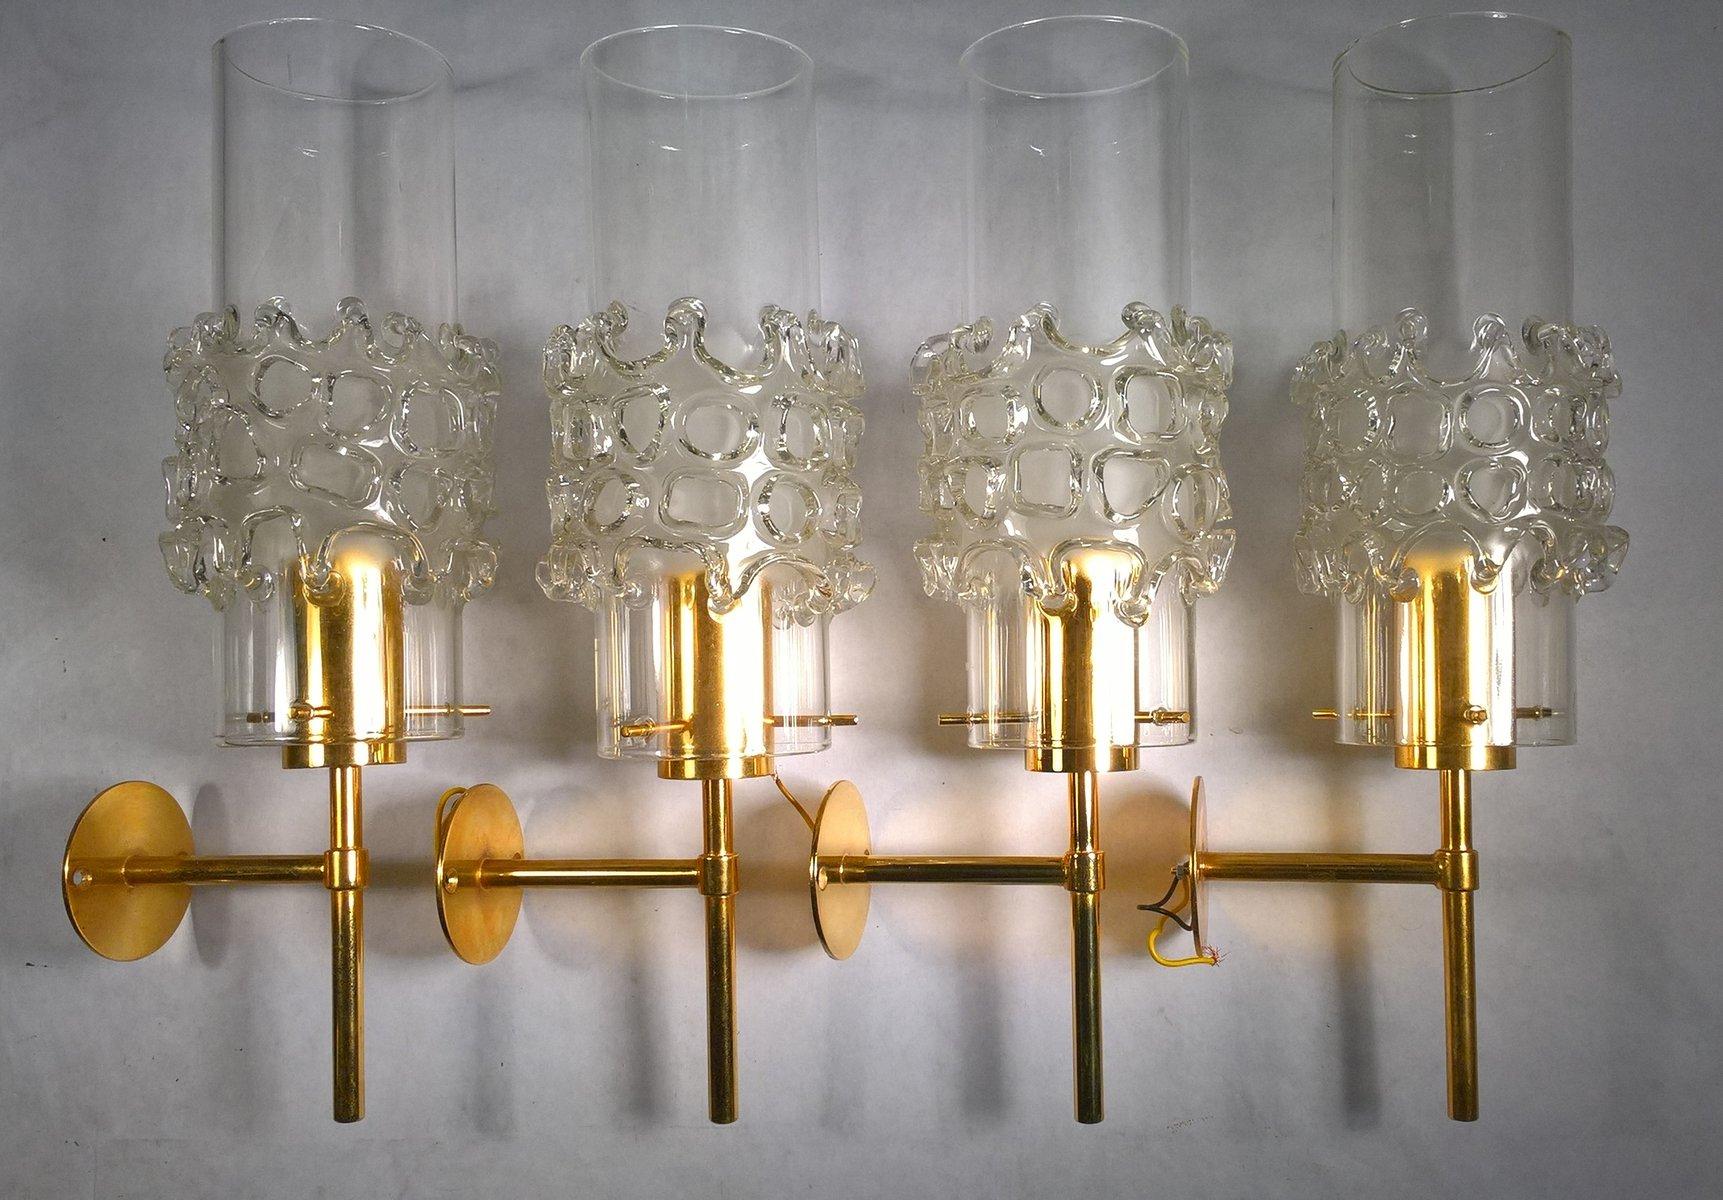 Vergoldete Wandlampen aus mundgeblasenem Glas von Fällander Glas, 1970...